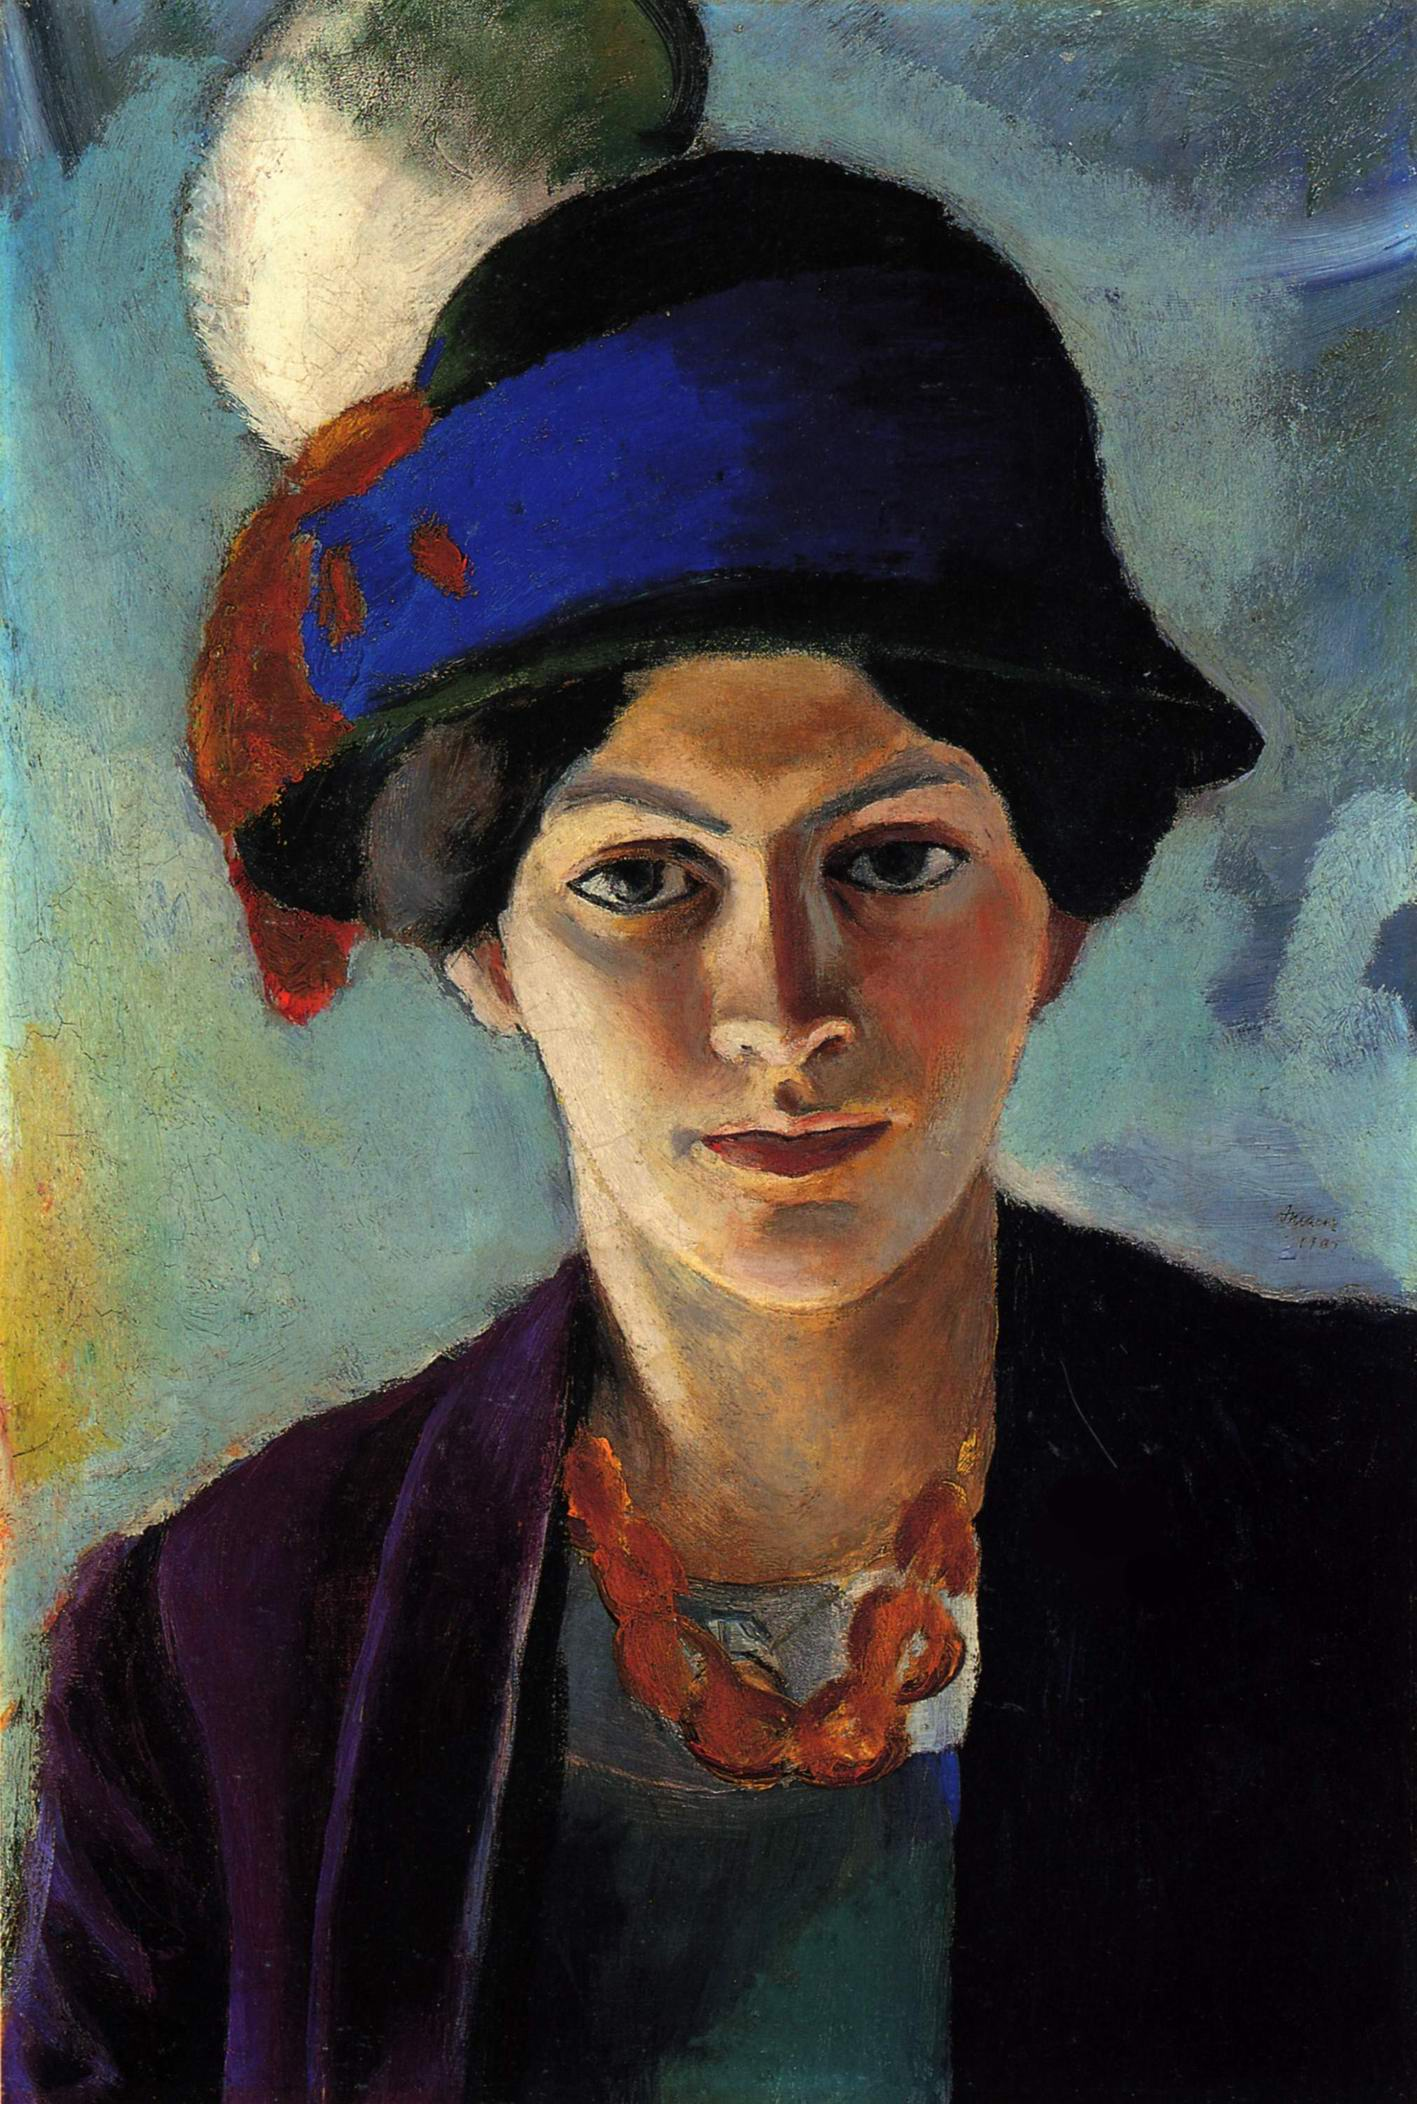 Жена художника в синей шляпе, 1909 год, Маке Август, ...Из собрания шедевров мировой живописи... (848).jpg